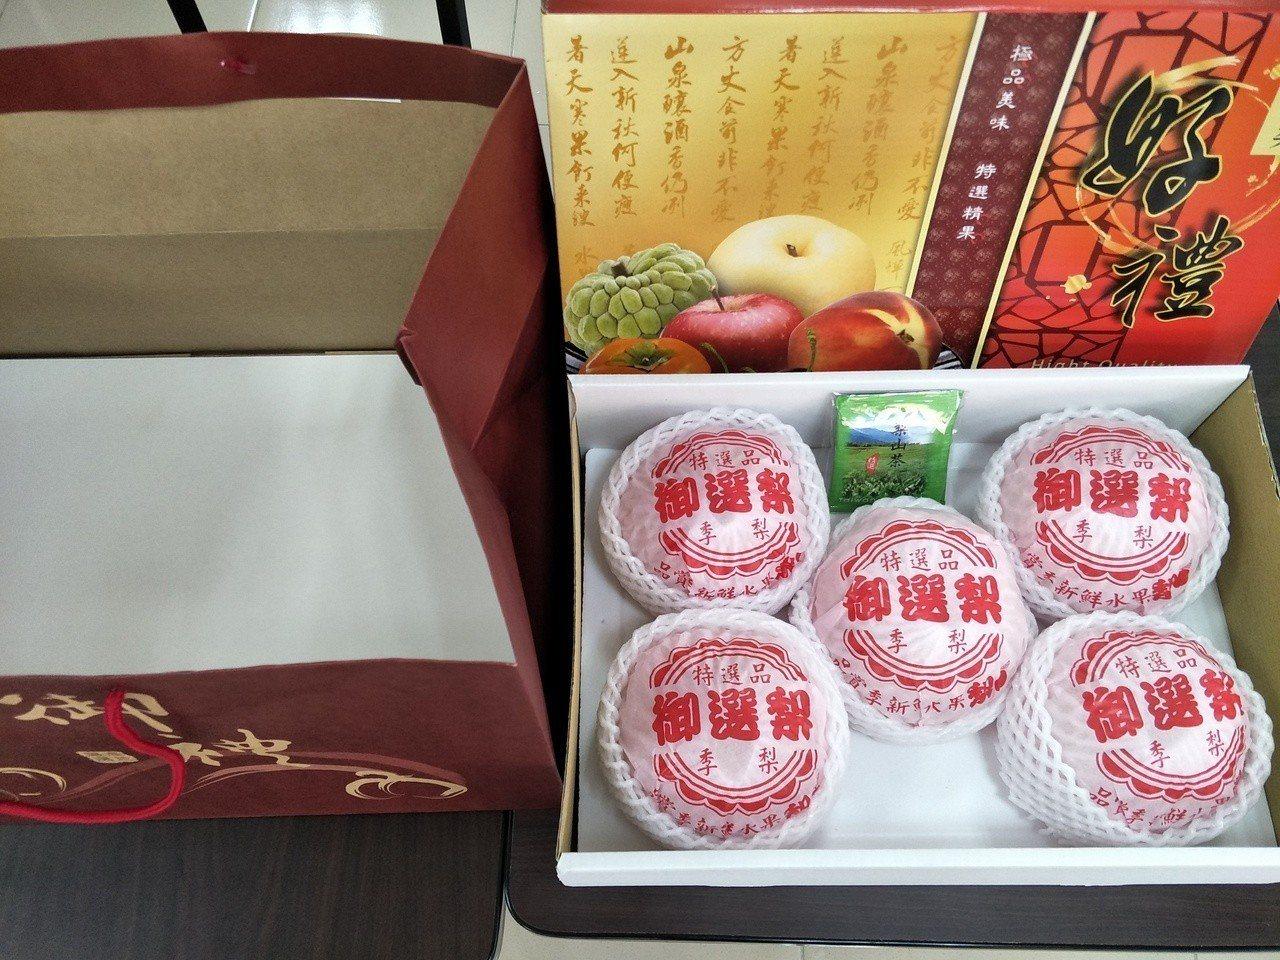 本土水果出頭,台南善化農會協助台中梨山果農賣「梨山甘露梨」水果禮盒,10天來熱賣...